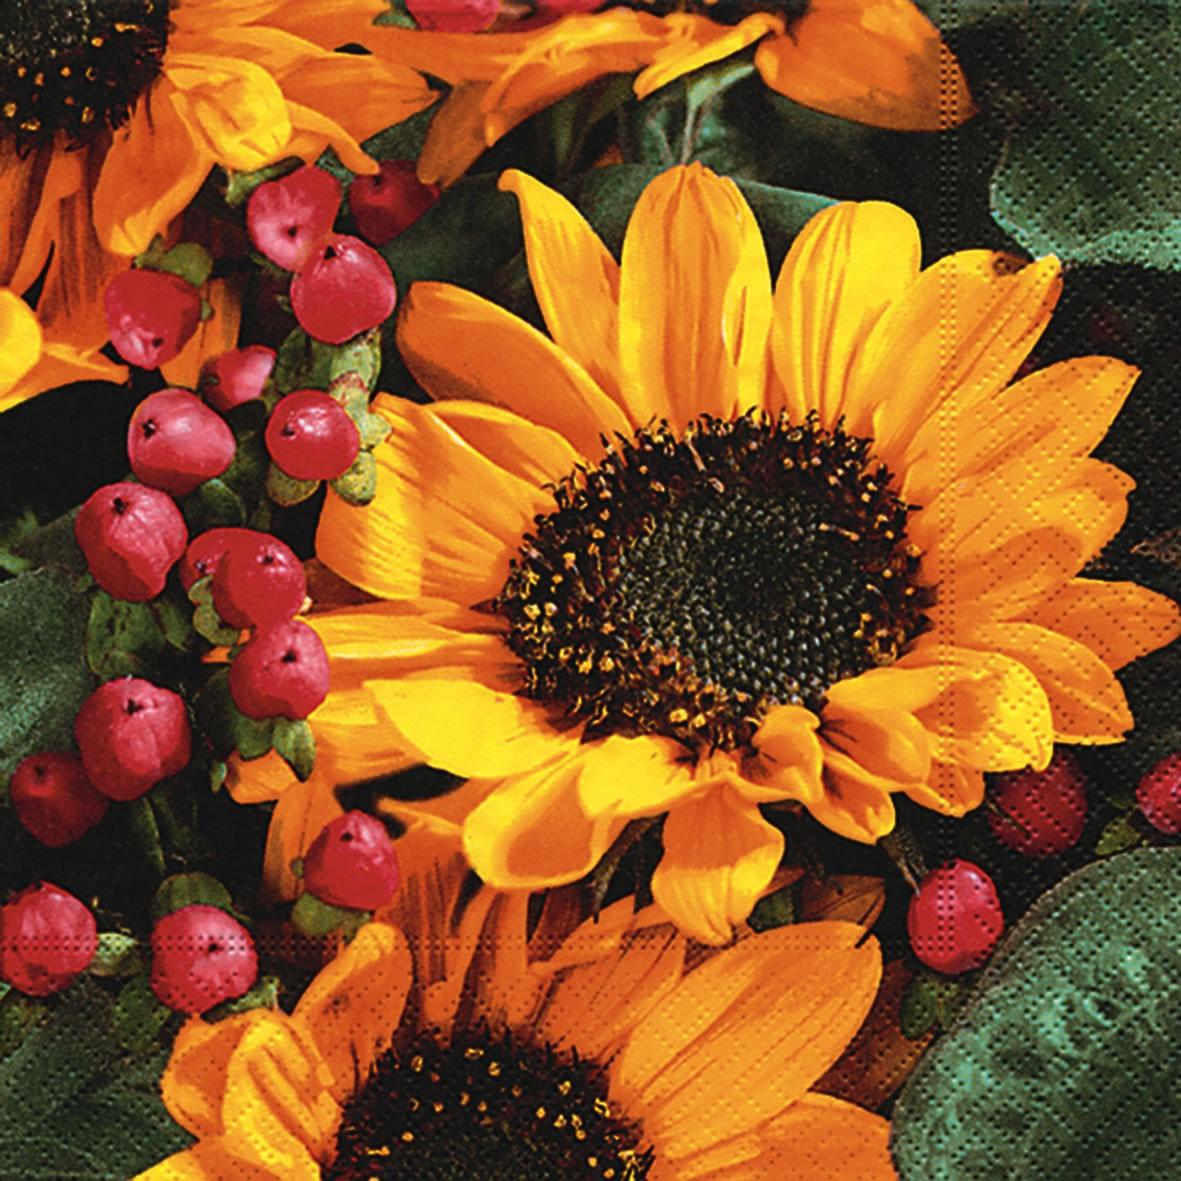 Paper+Design,  Früchte -  Sonstige,  Blumen - Sonnenblumen,  Herbst,  lunchservietten,  Sonnenblume